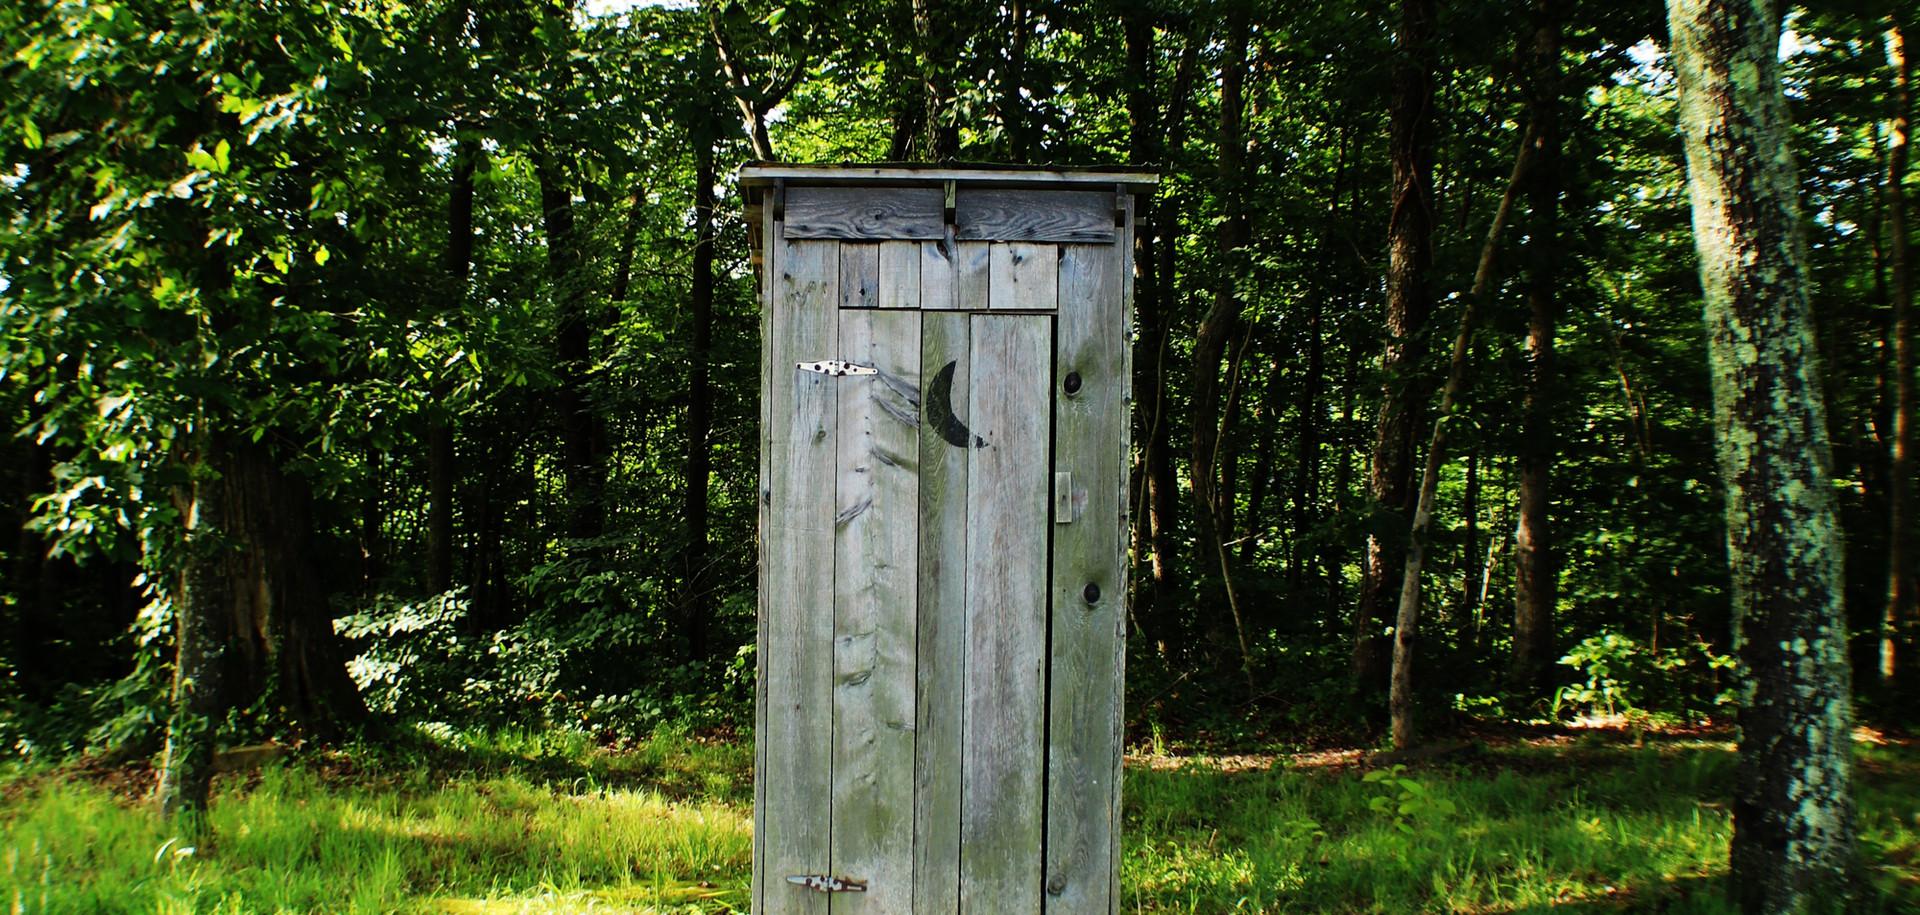 Bra komplement till dusch på mer primitiva platser. Även på hotell utomlands där bara takdusch finns, vilket är vanligt i vissa länder.